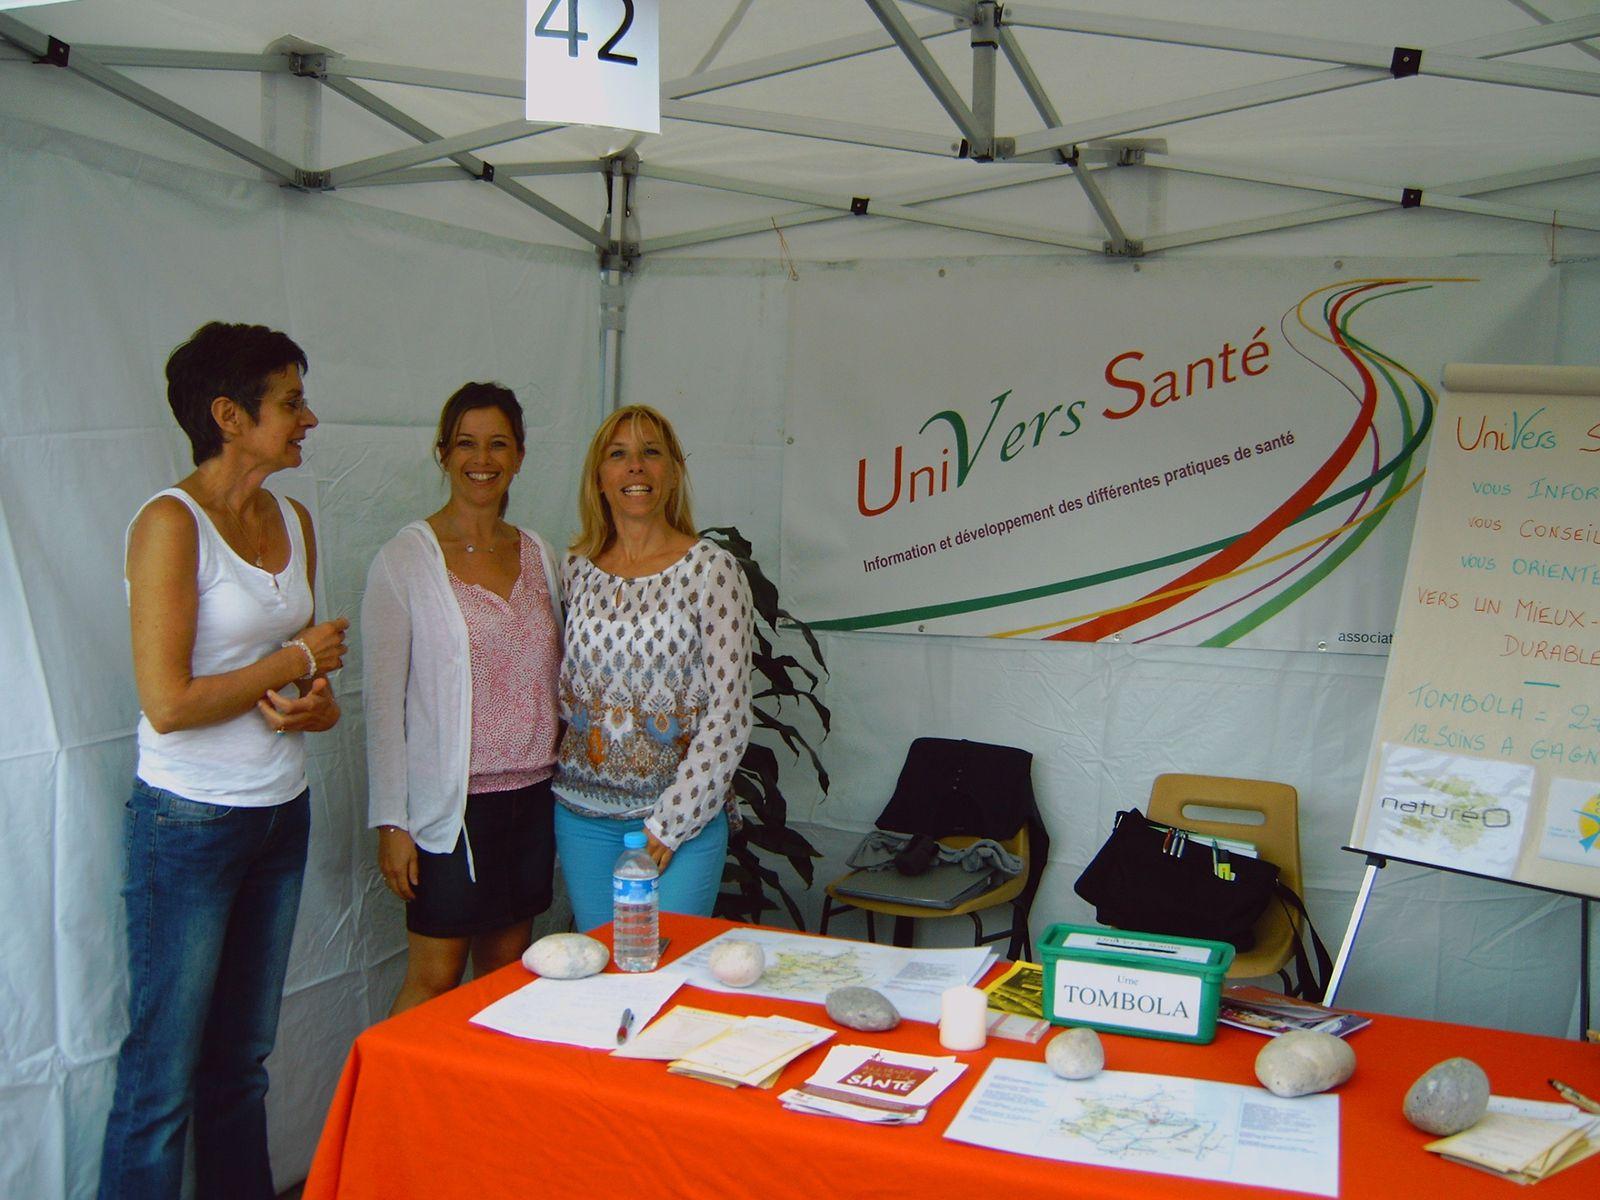 Samedi 7 septembre 2013 : De gauche à droite Nelly Forget, Florence Hériveaux et Edwige Etienne